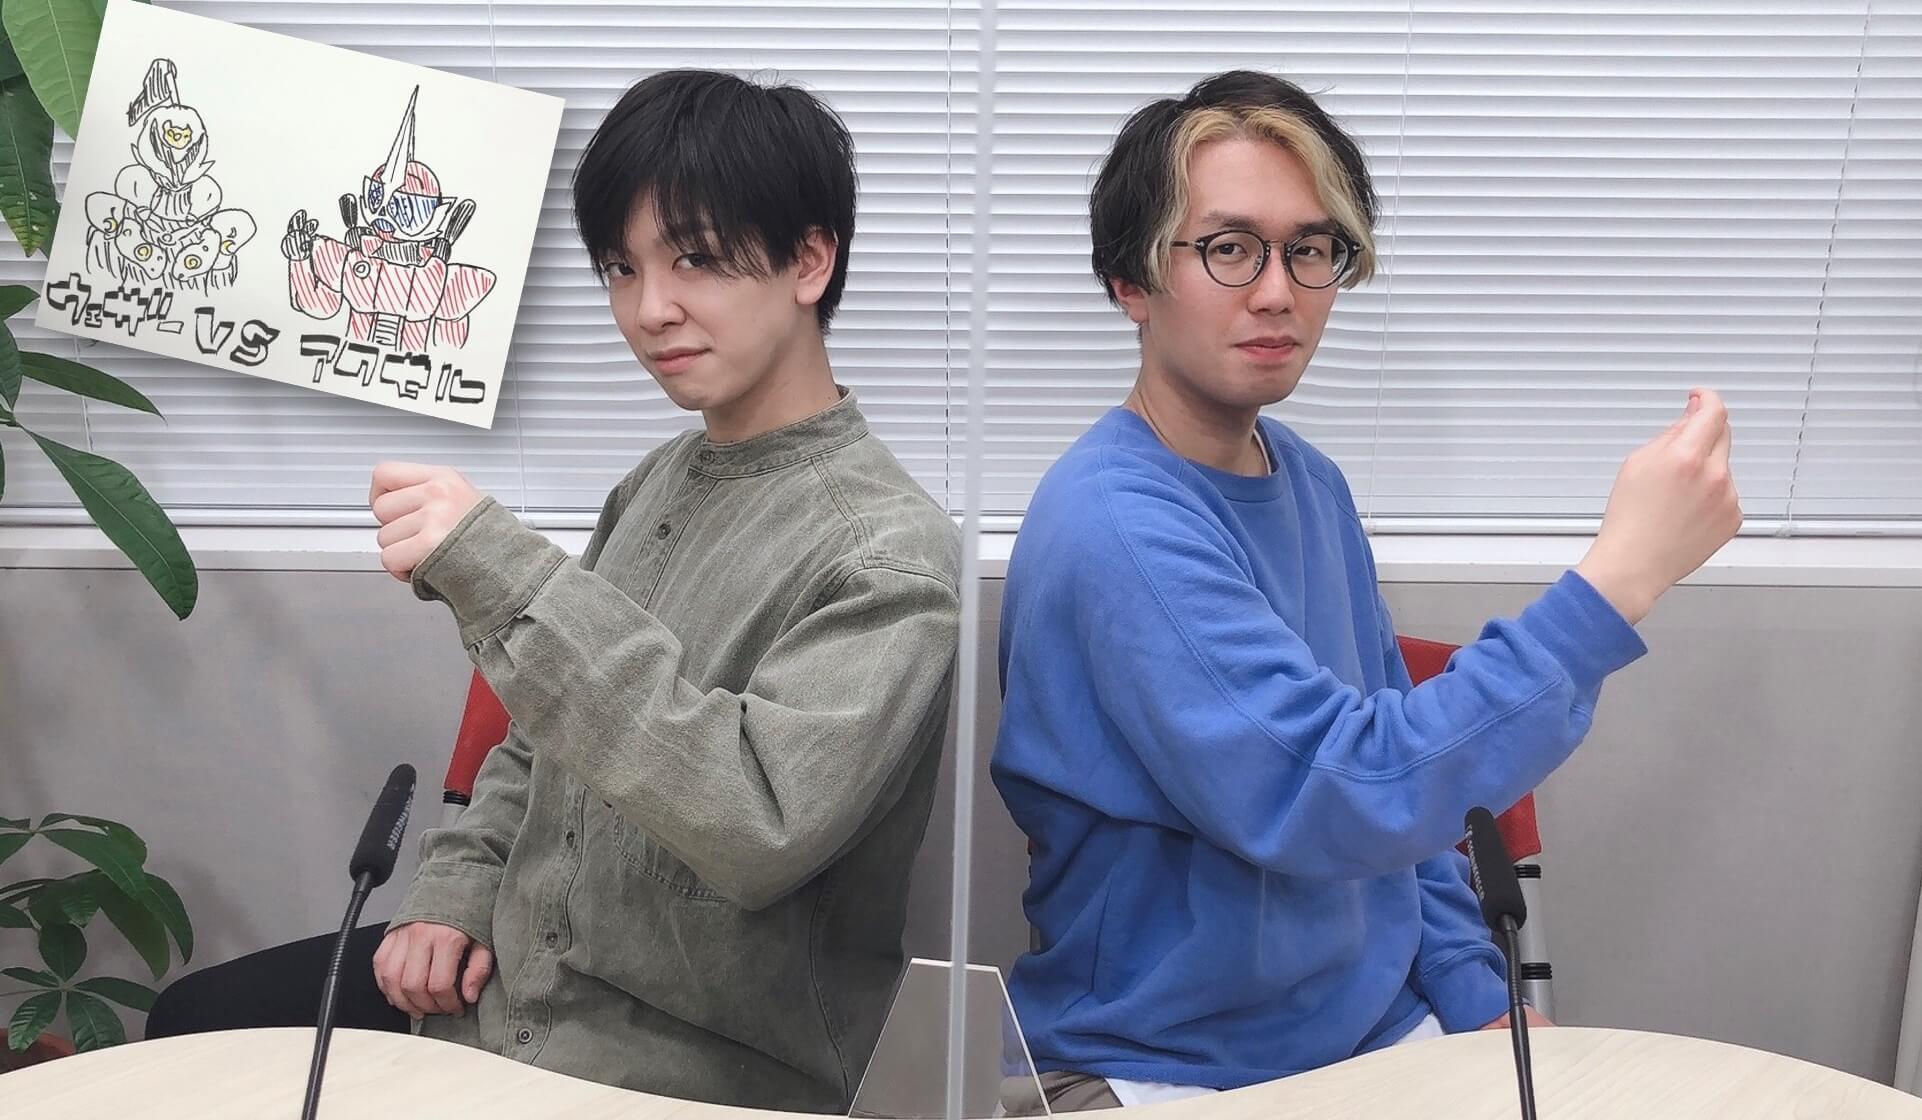 【中優一郎と松原涼のラジオゆうりょーじ!!(自称)】#1 初回から変身!!